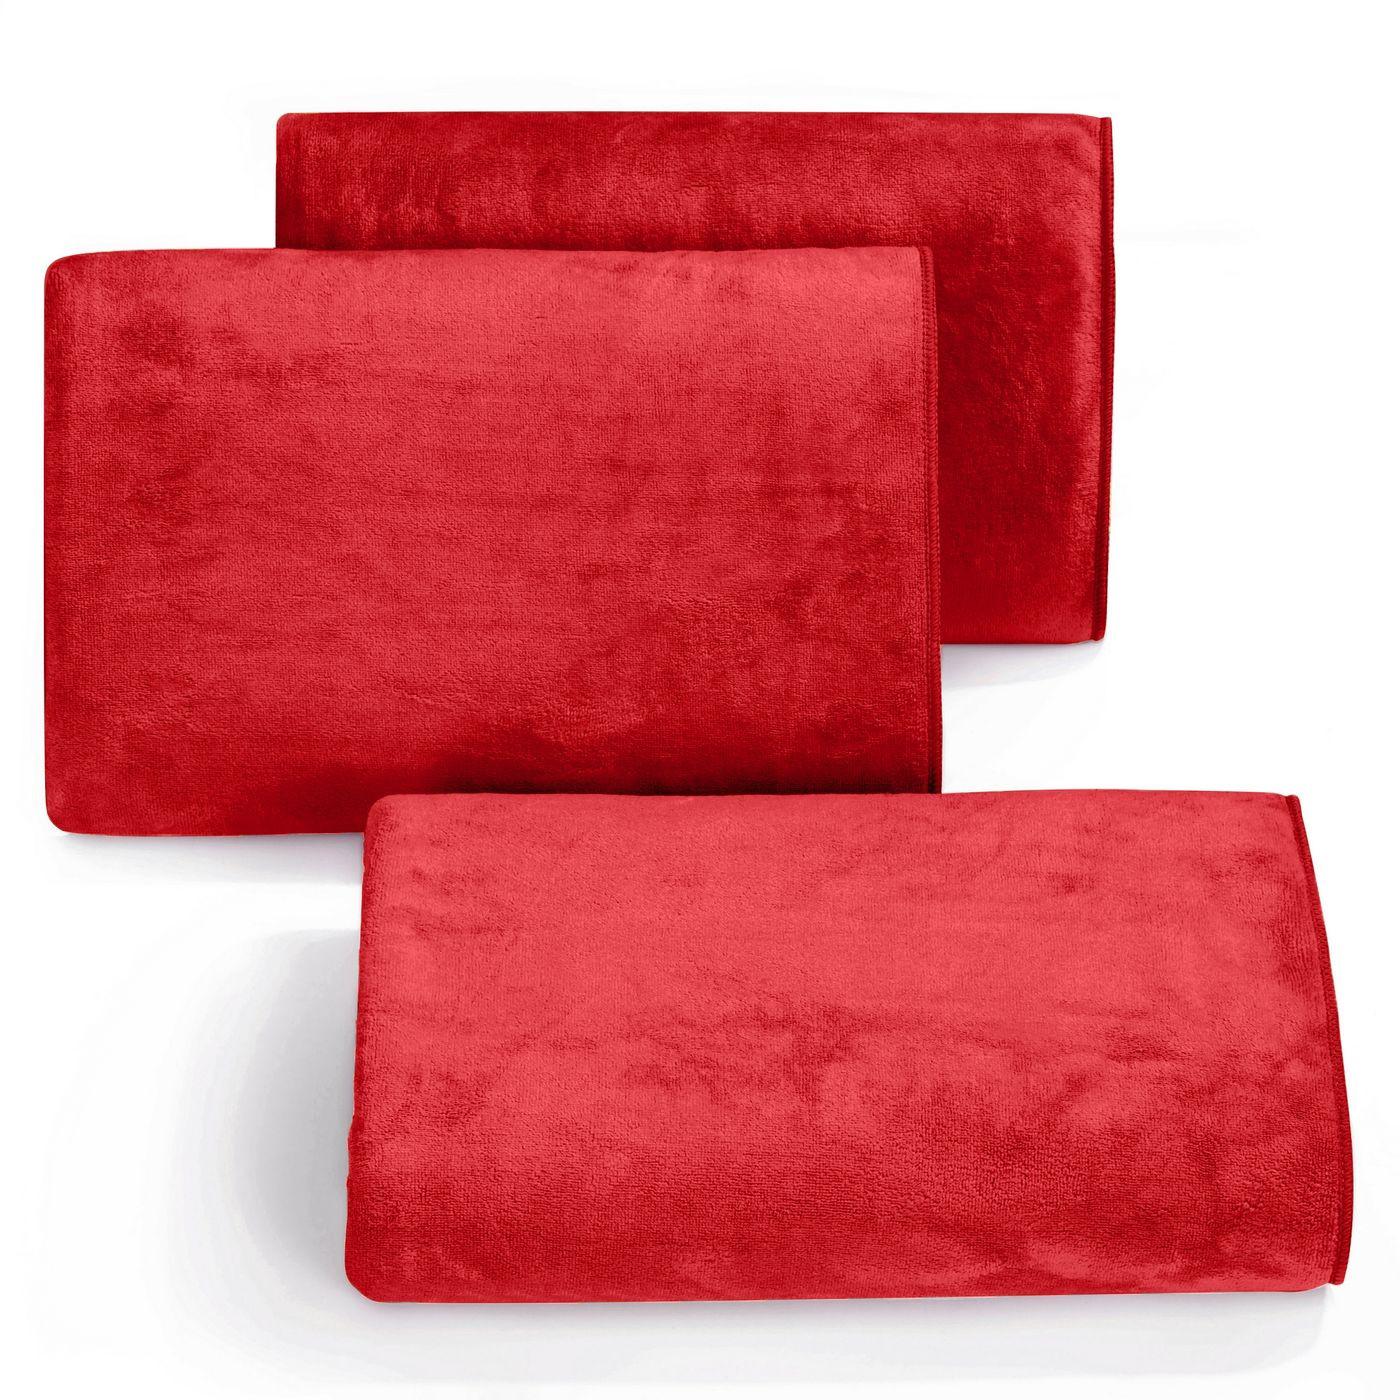 Ręcznik z mikrofibry szybkoschnący czerwony 70x140cm